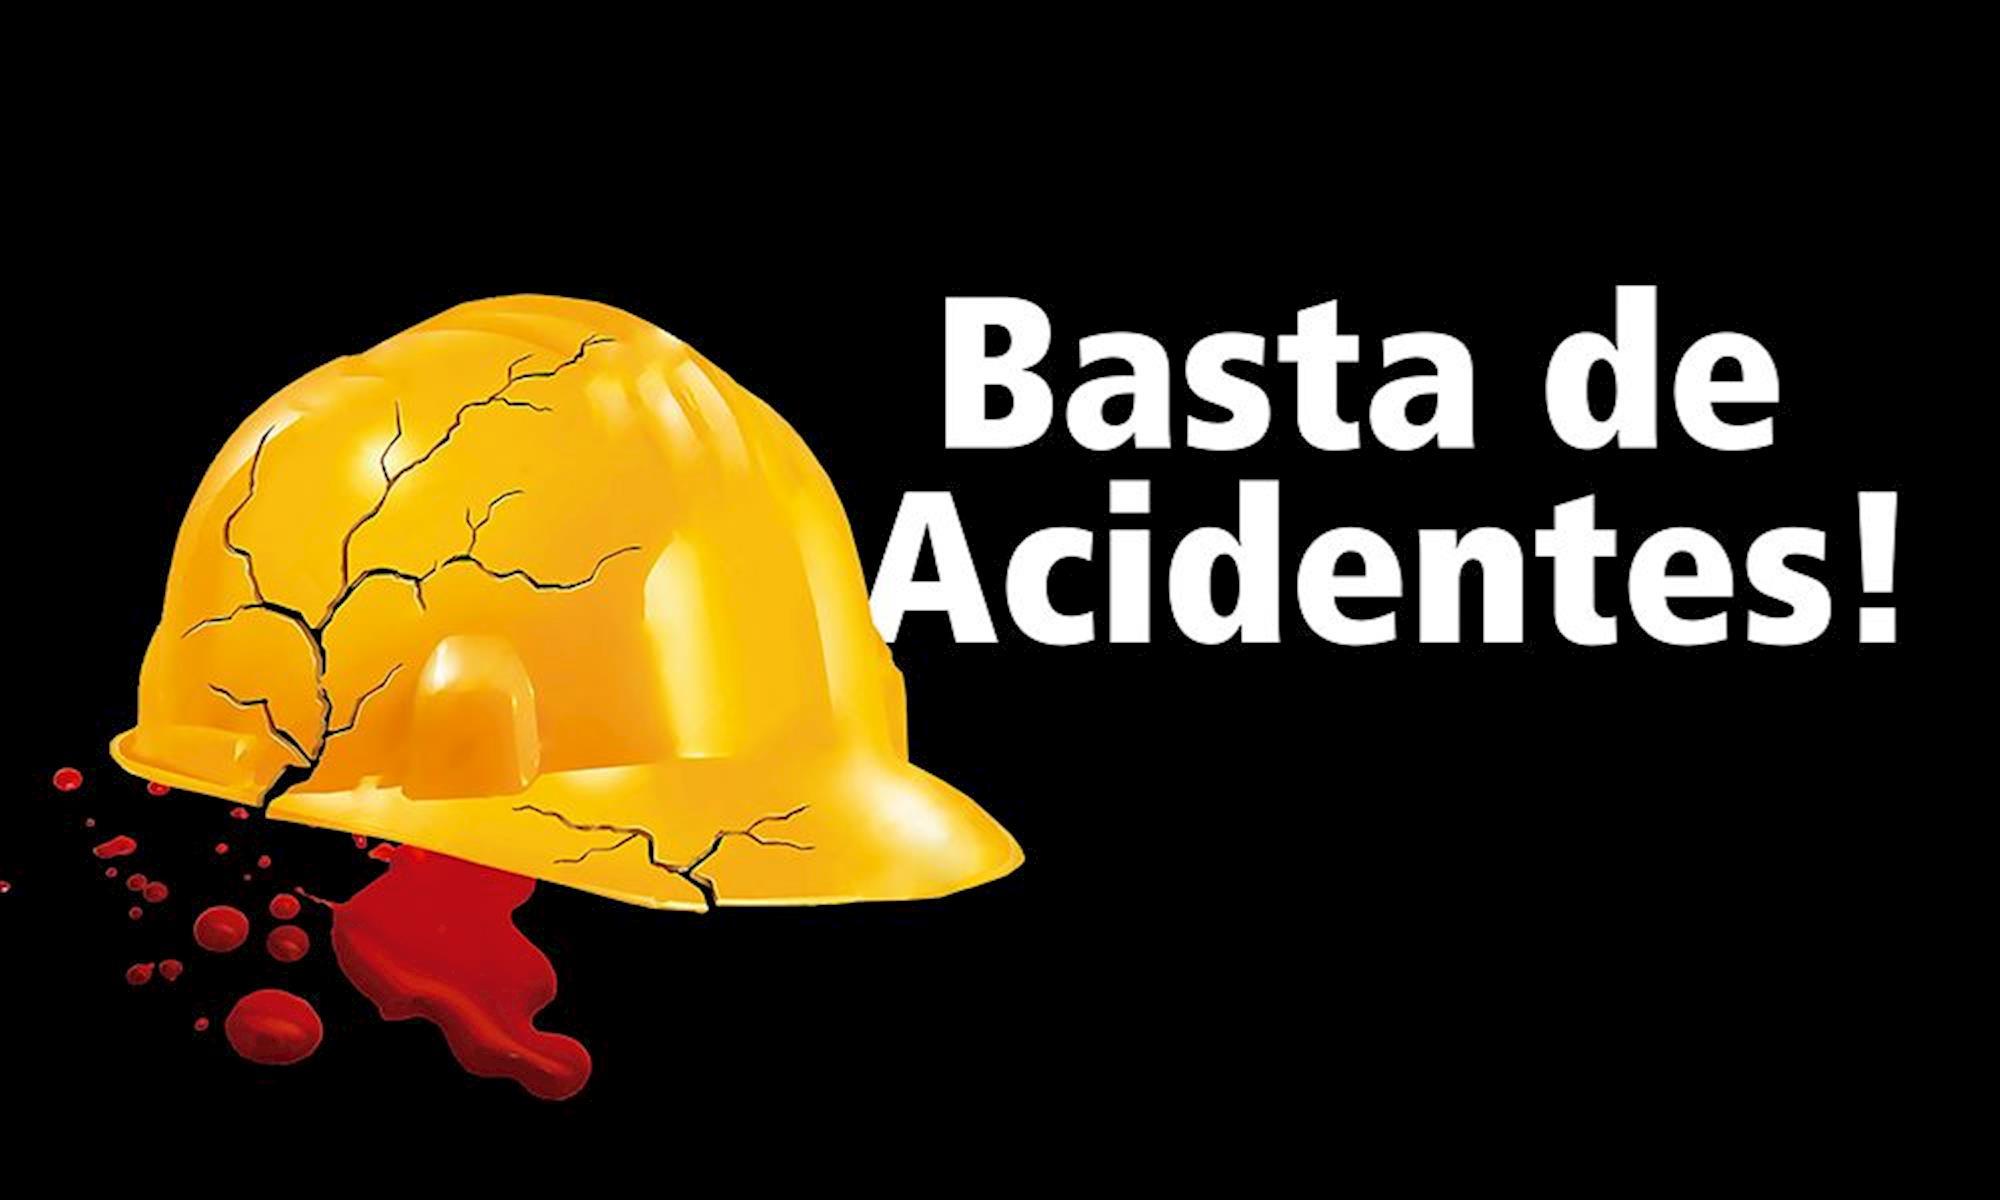 acidente, Arte: Cássio Freire